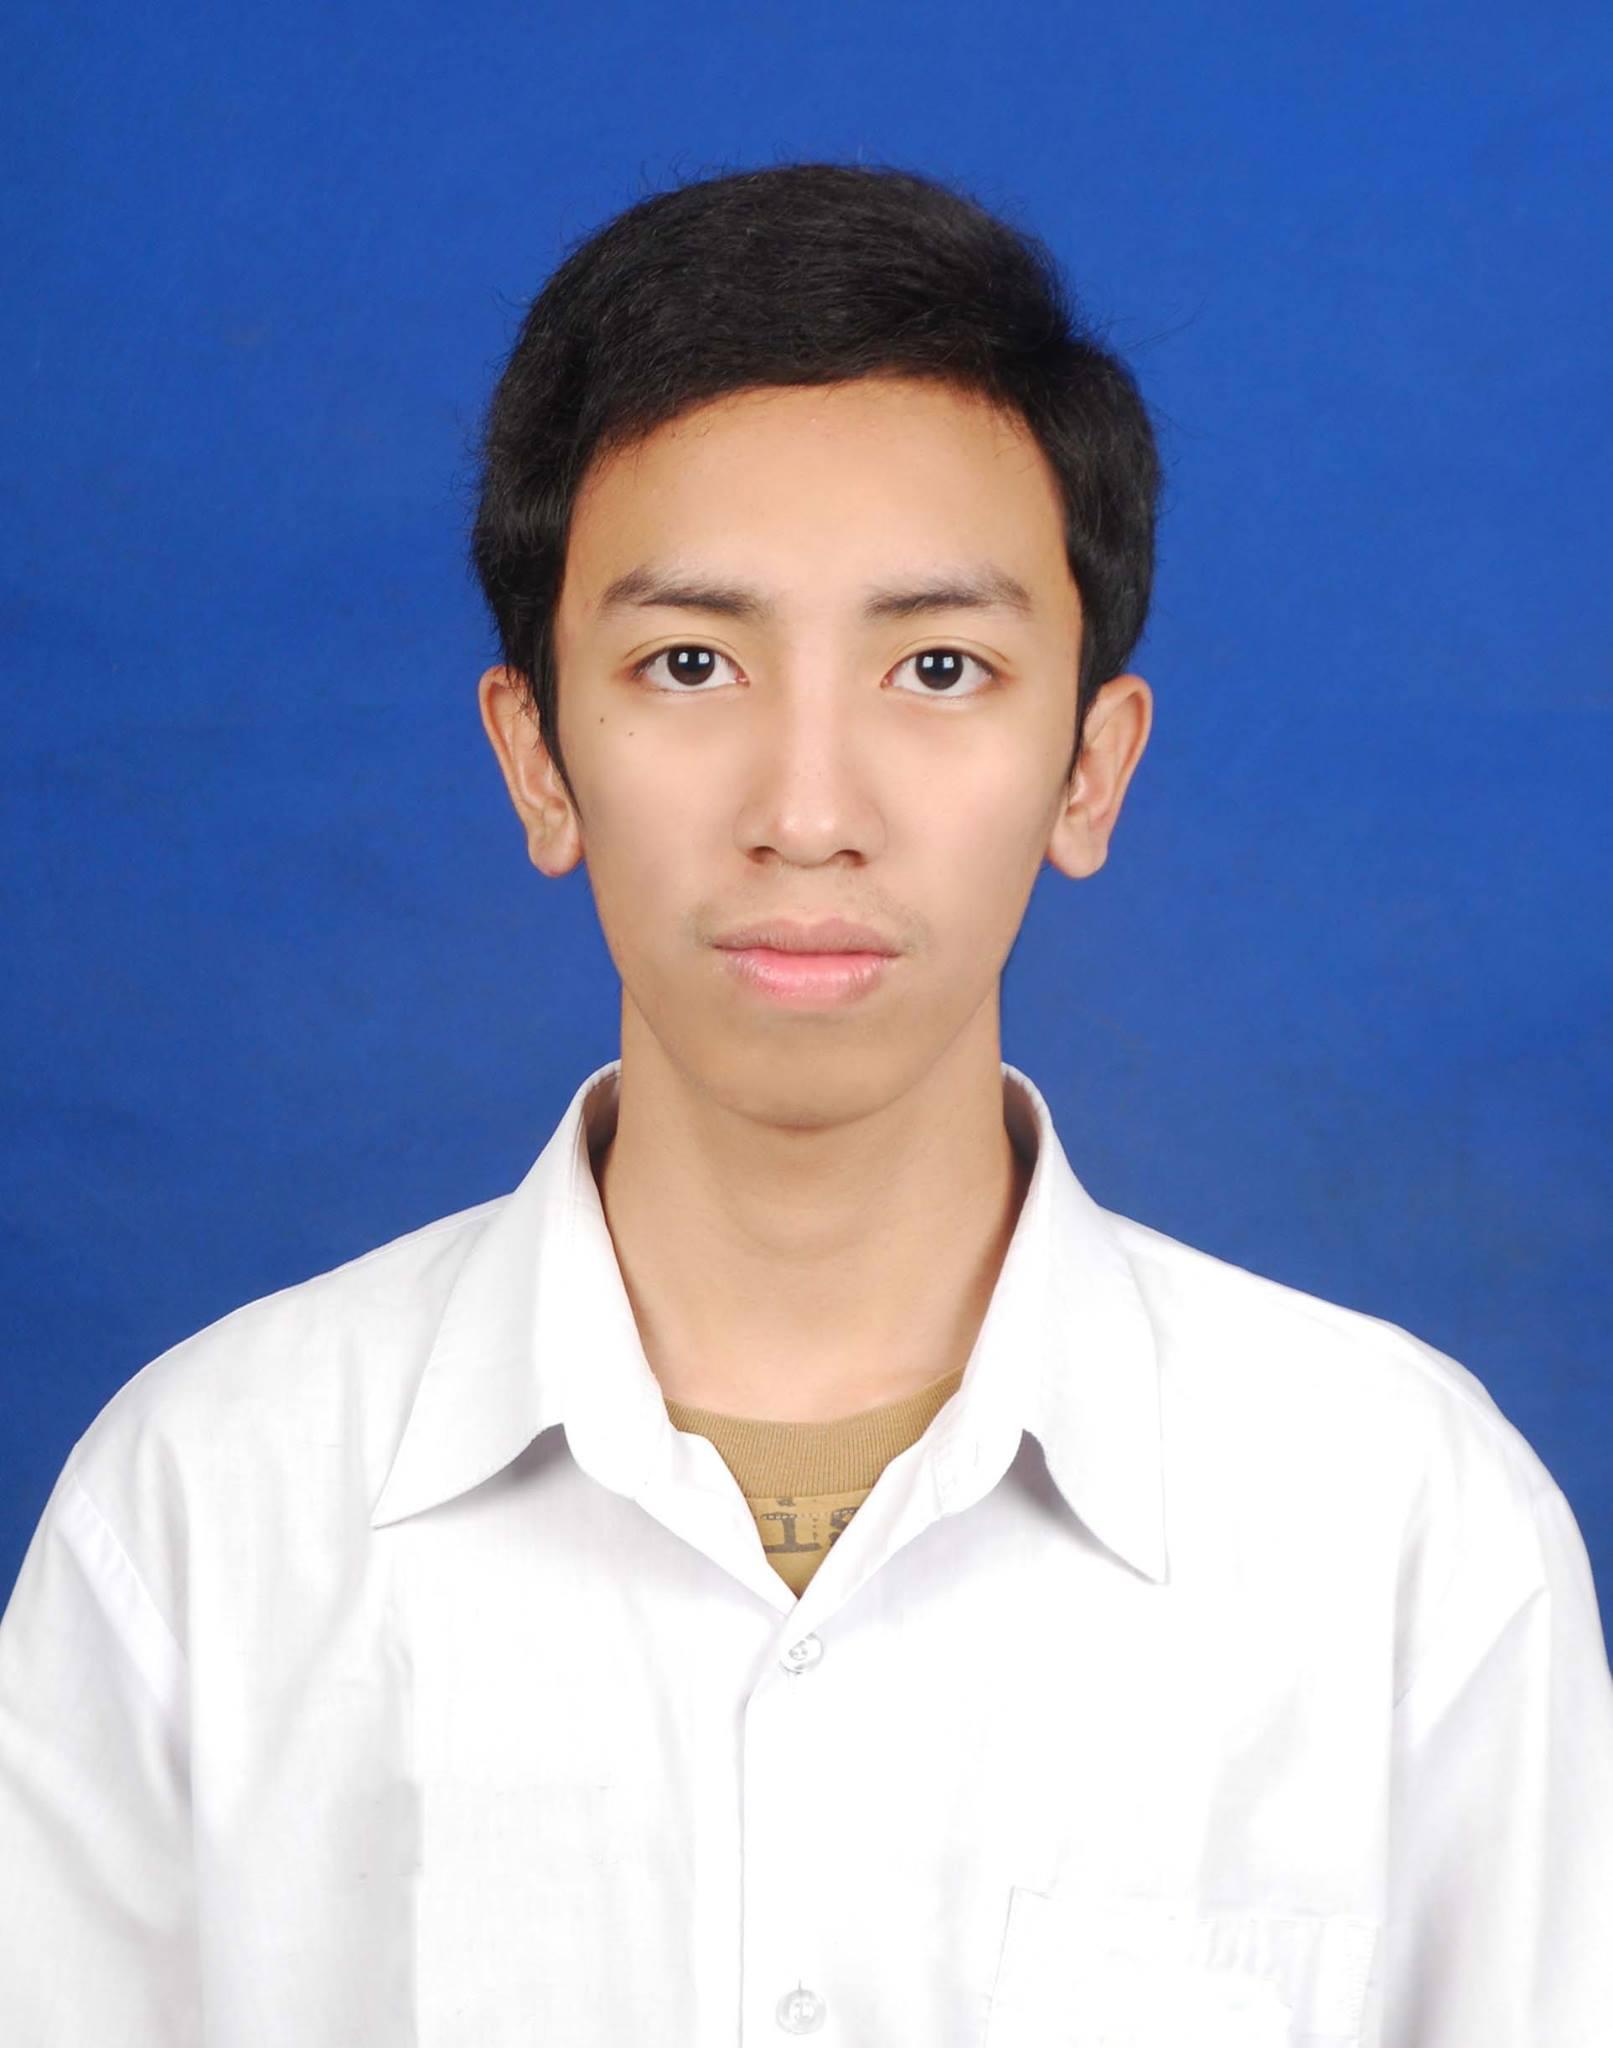 Mahasiswa Teknik Kimia Itb Raih Juara 1 Pada Kompetisi Esai Ekonomi